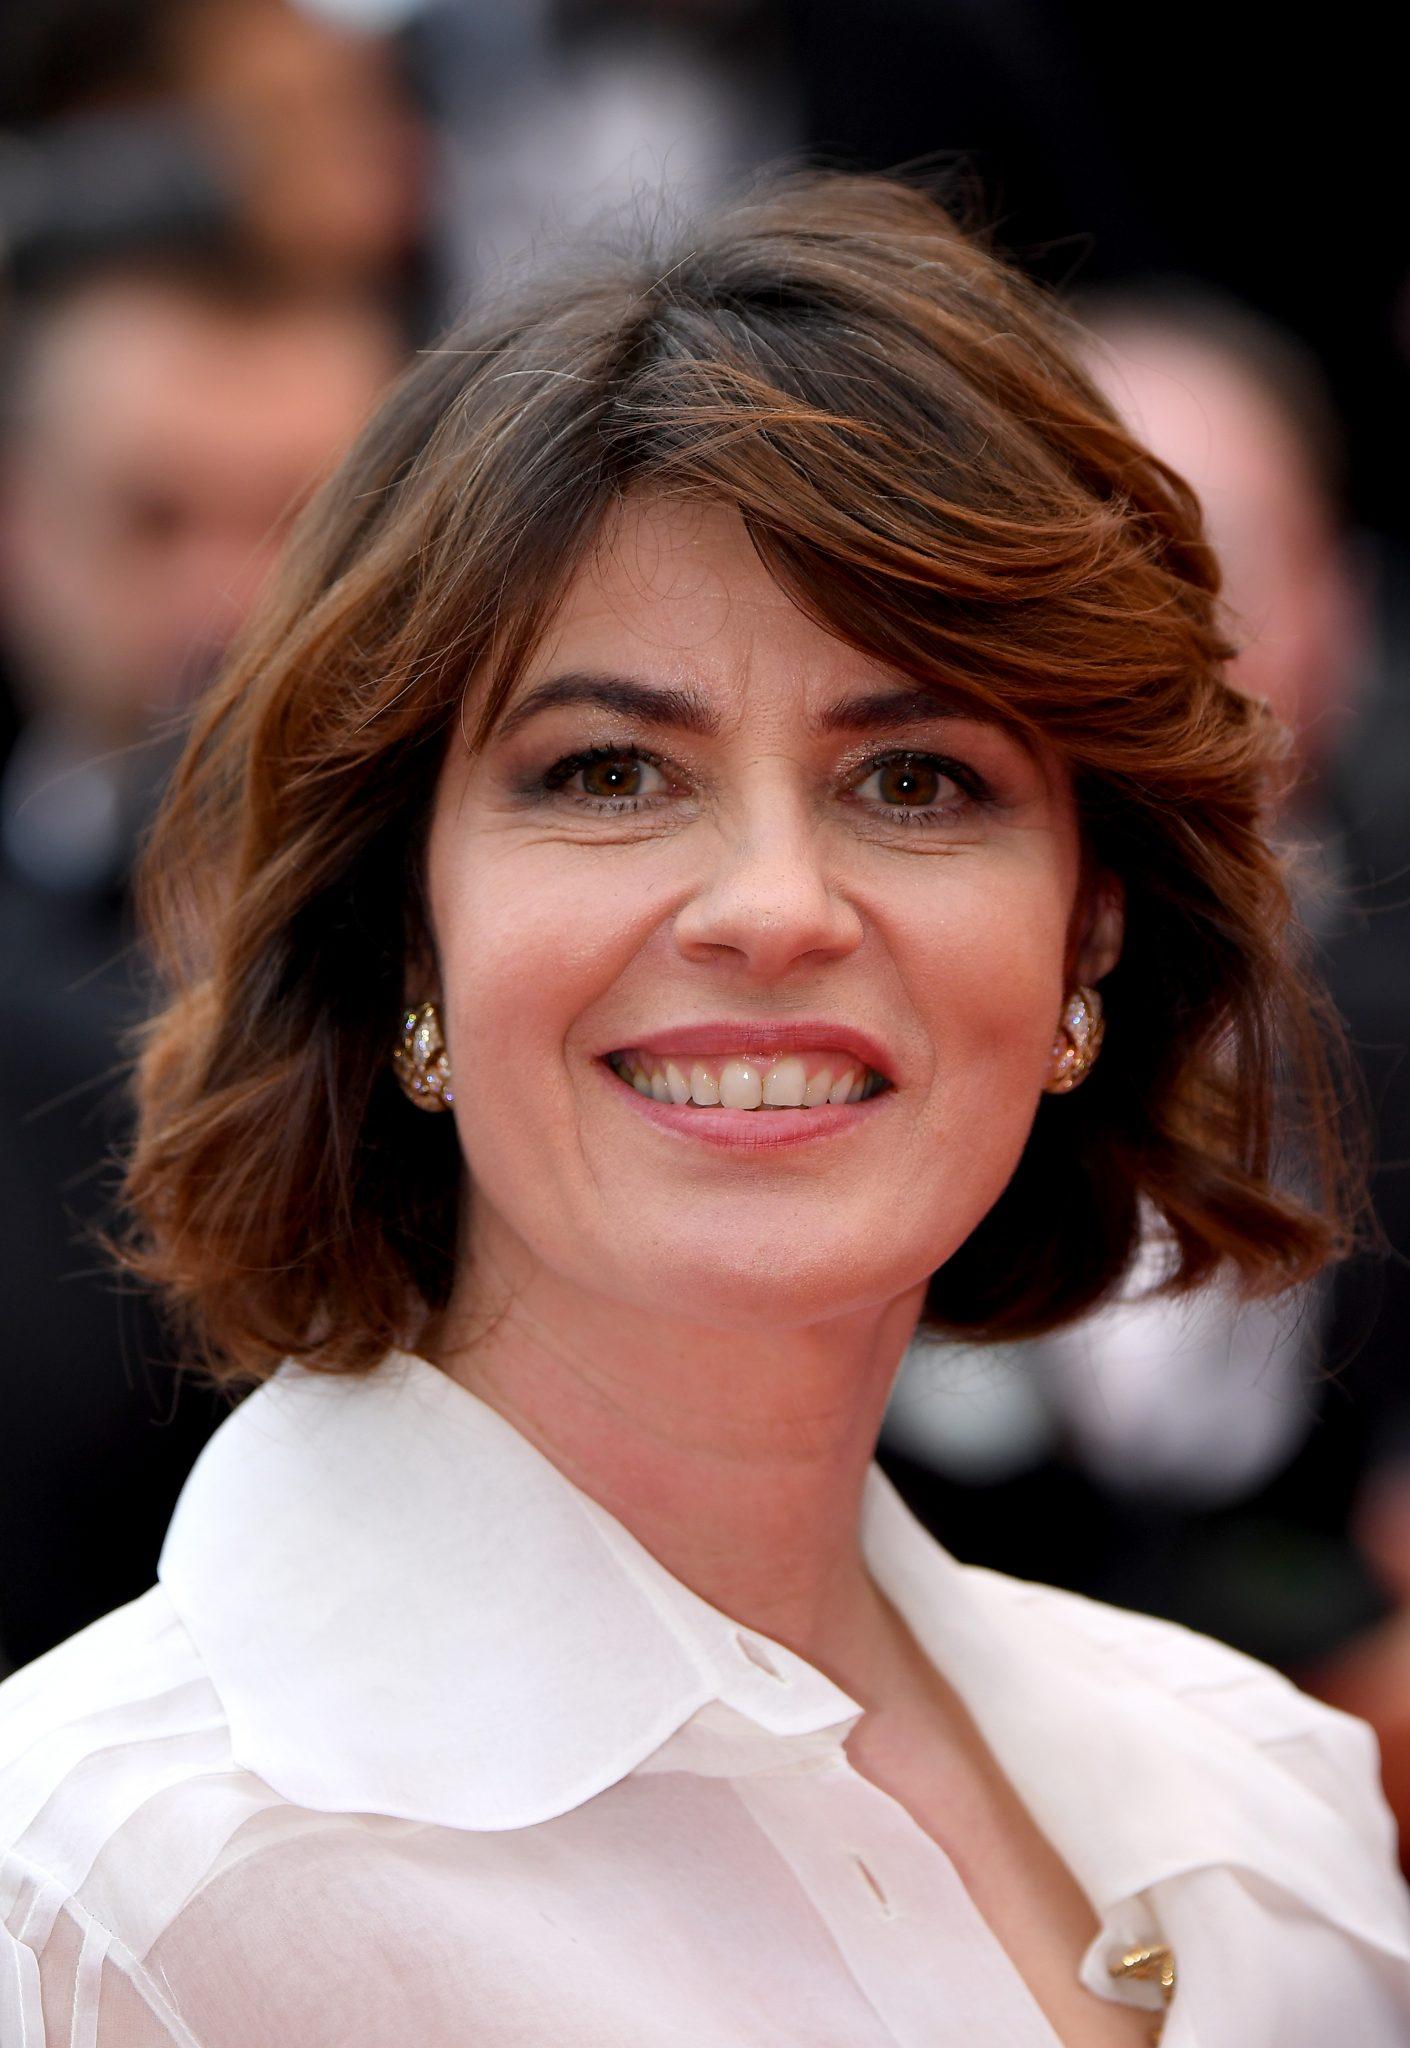 CHANEL Cannes 2019 Irene Jacob Esprit de Gabrielle espritdegabrielle.com